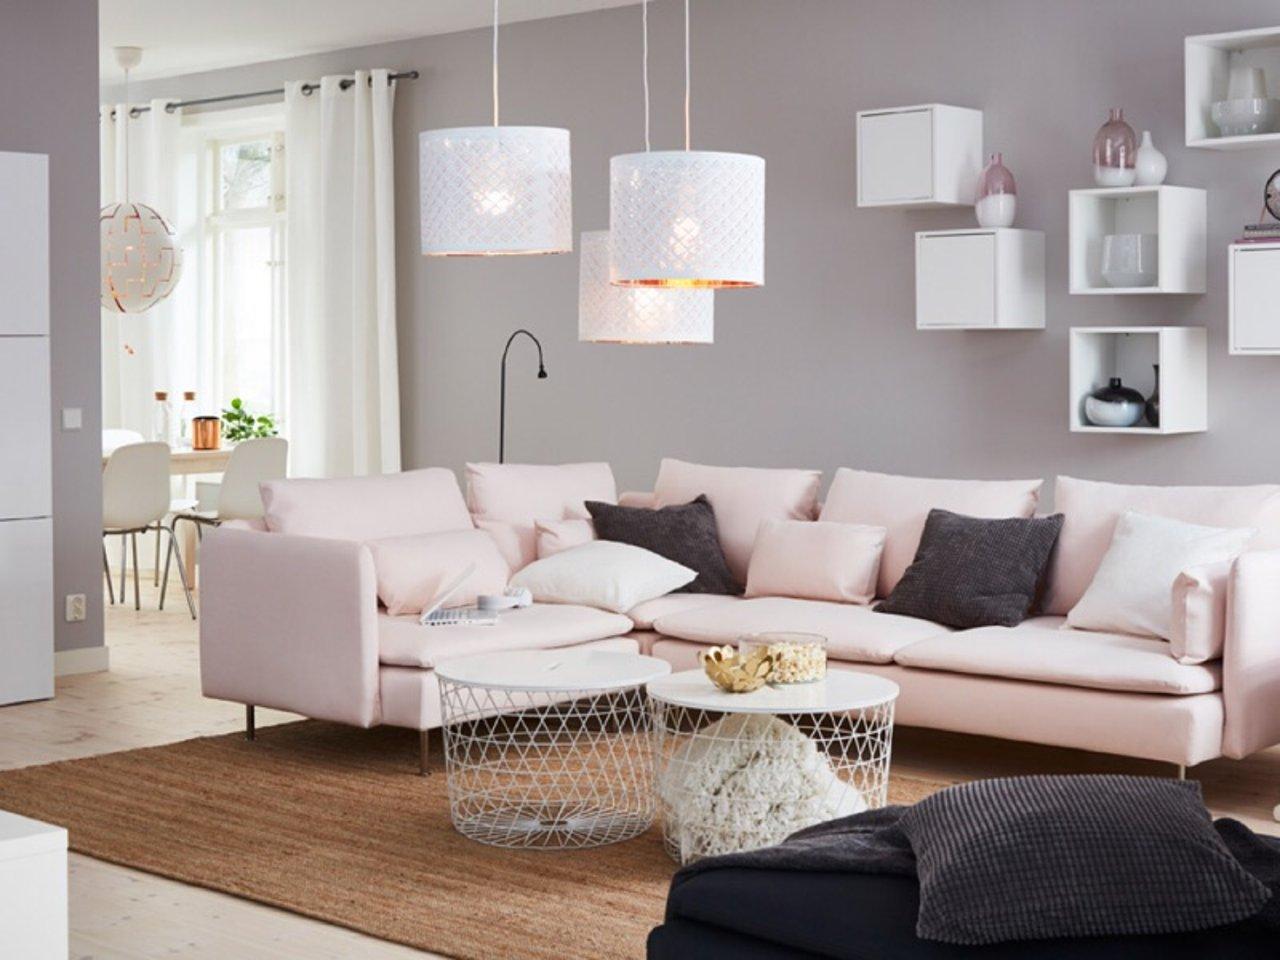 【IKEA】逛IKEA的购买心得+部分家具清单